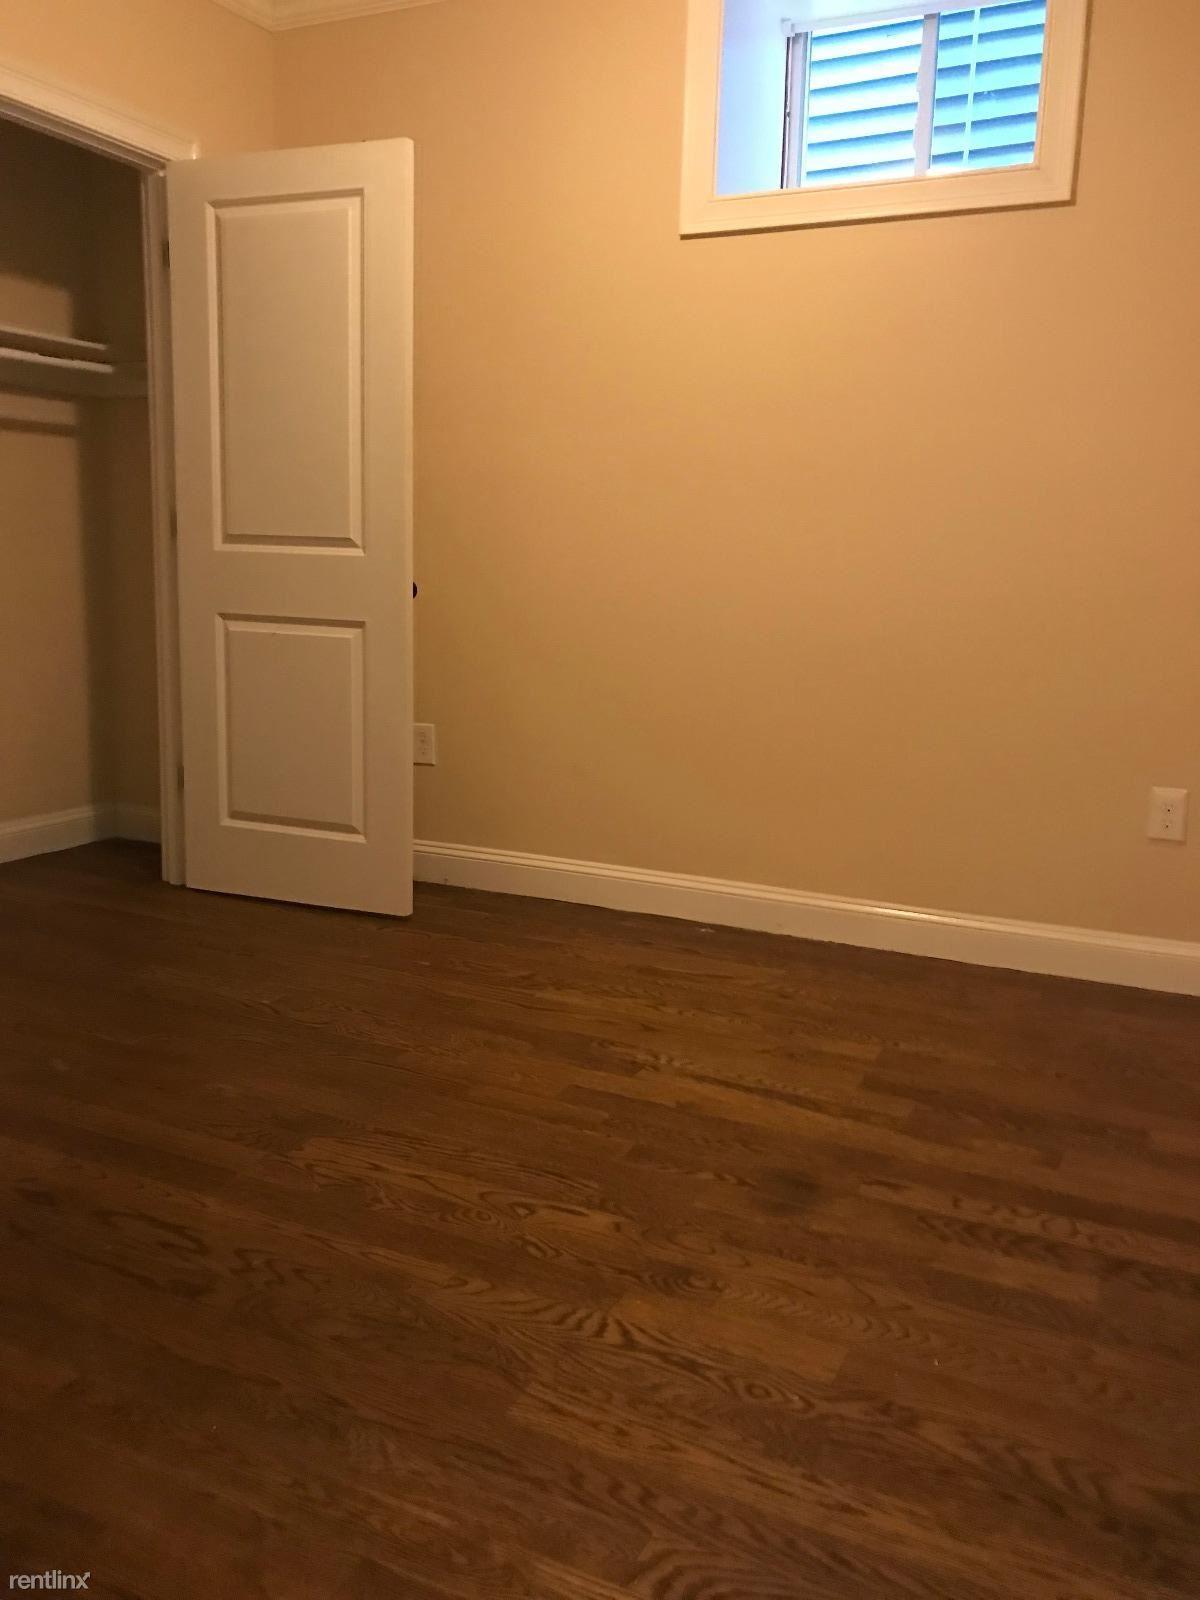 24 Willis St Apt 1, Dorchester, MA - $3,550